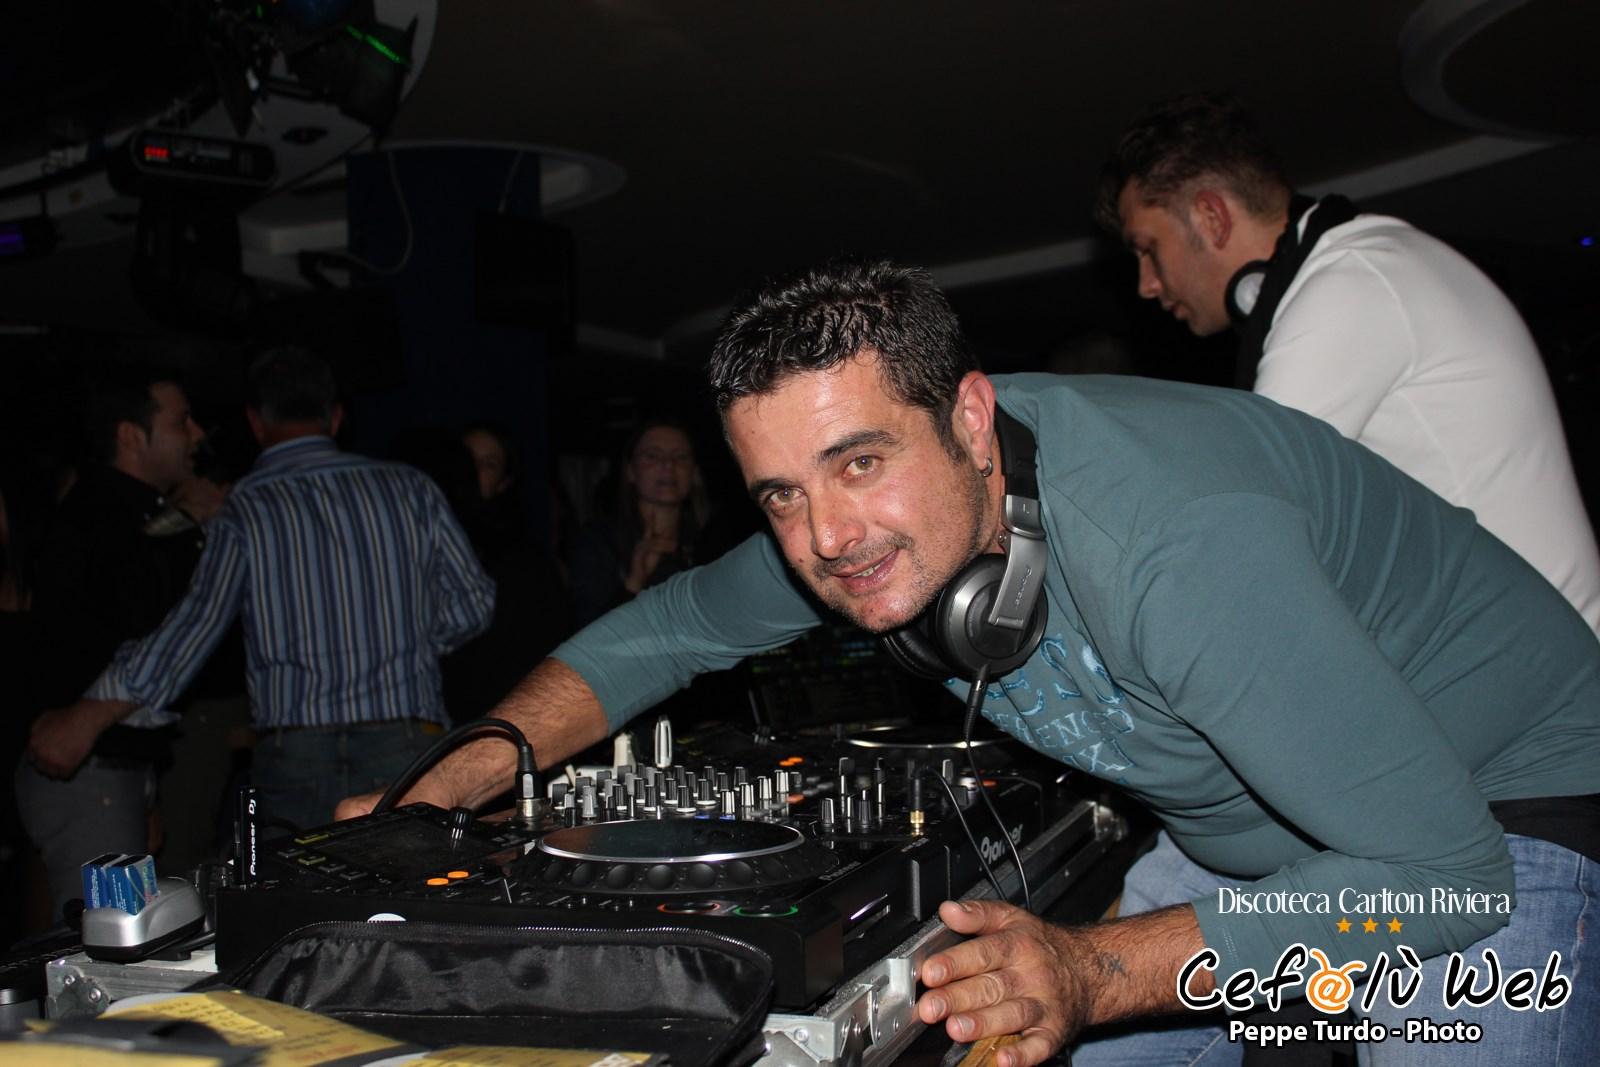 Discoteca Carlton Riviera: 17 Novembre 2012 [Foto]